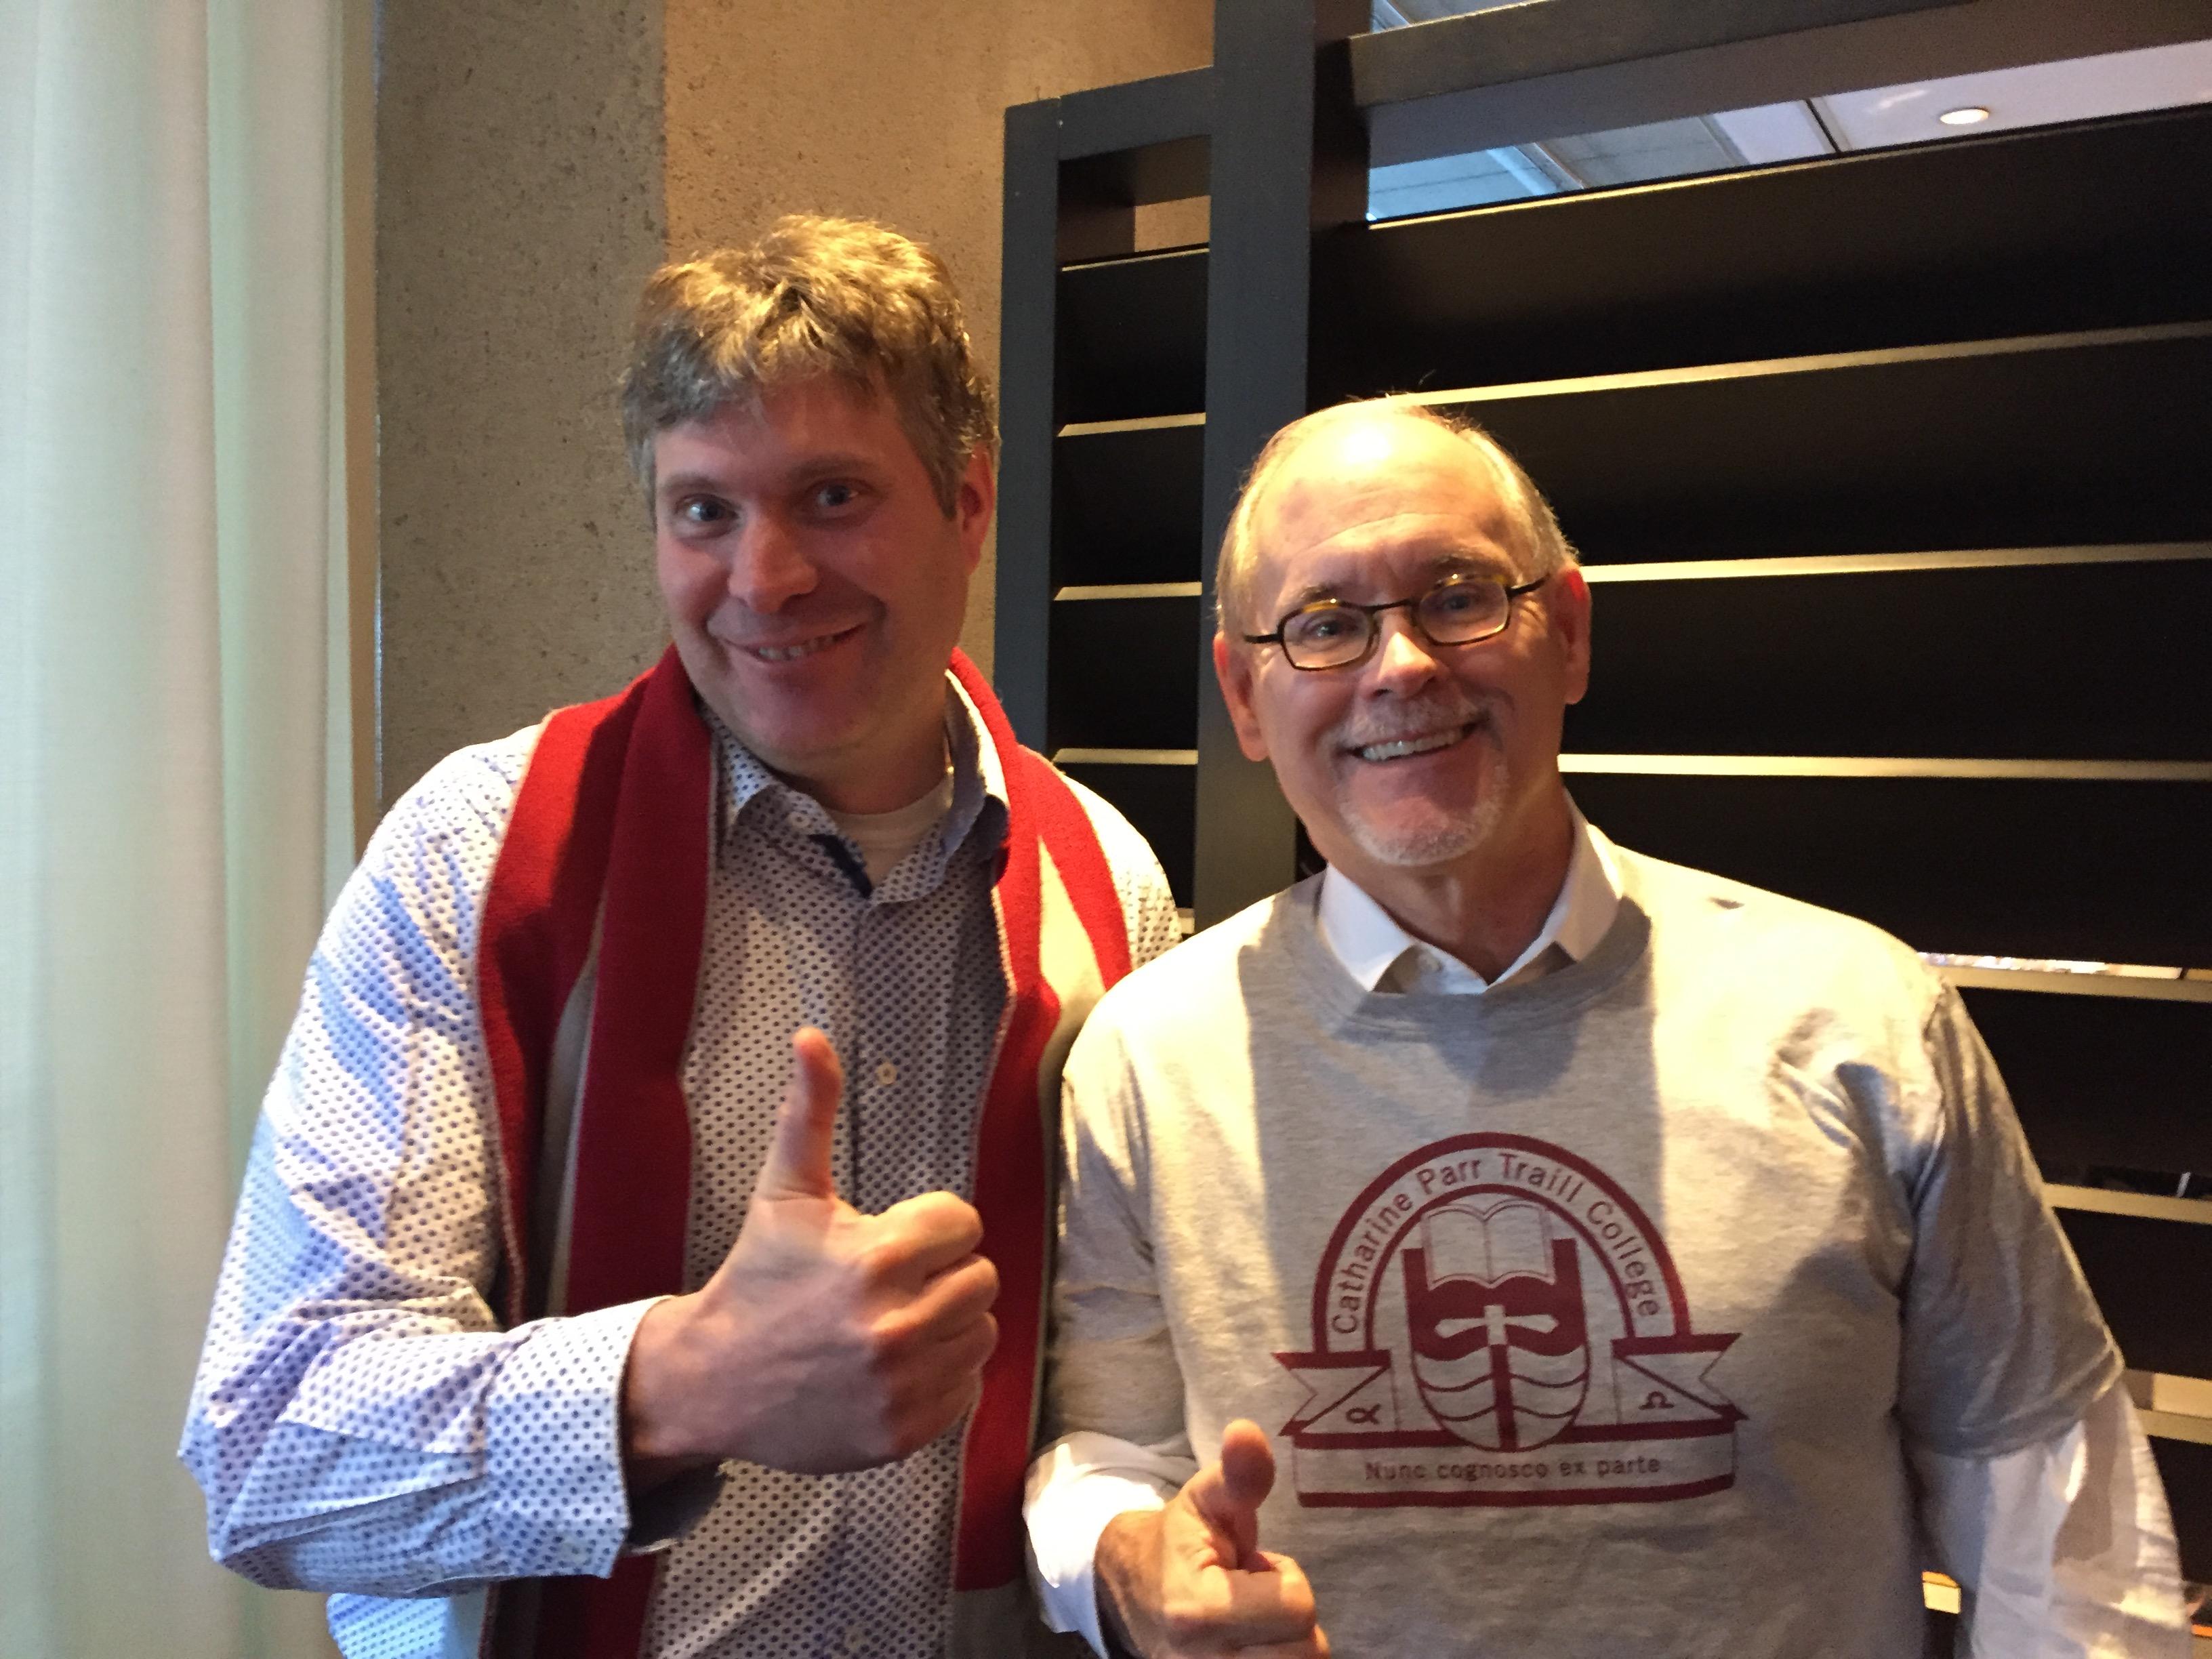 Michael Eamon and Greg